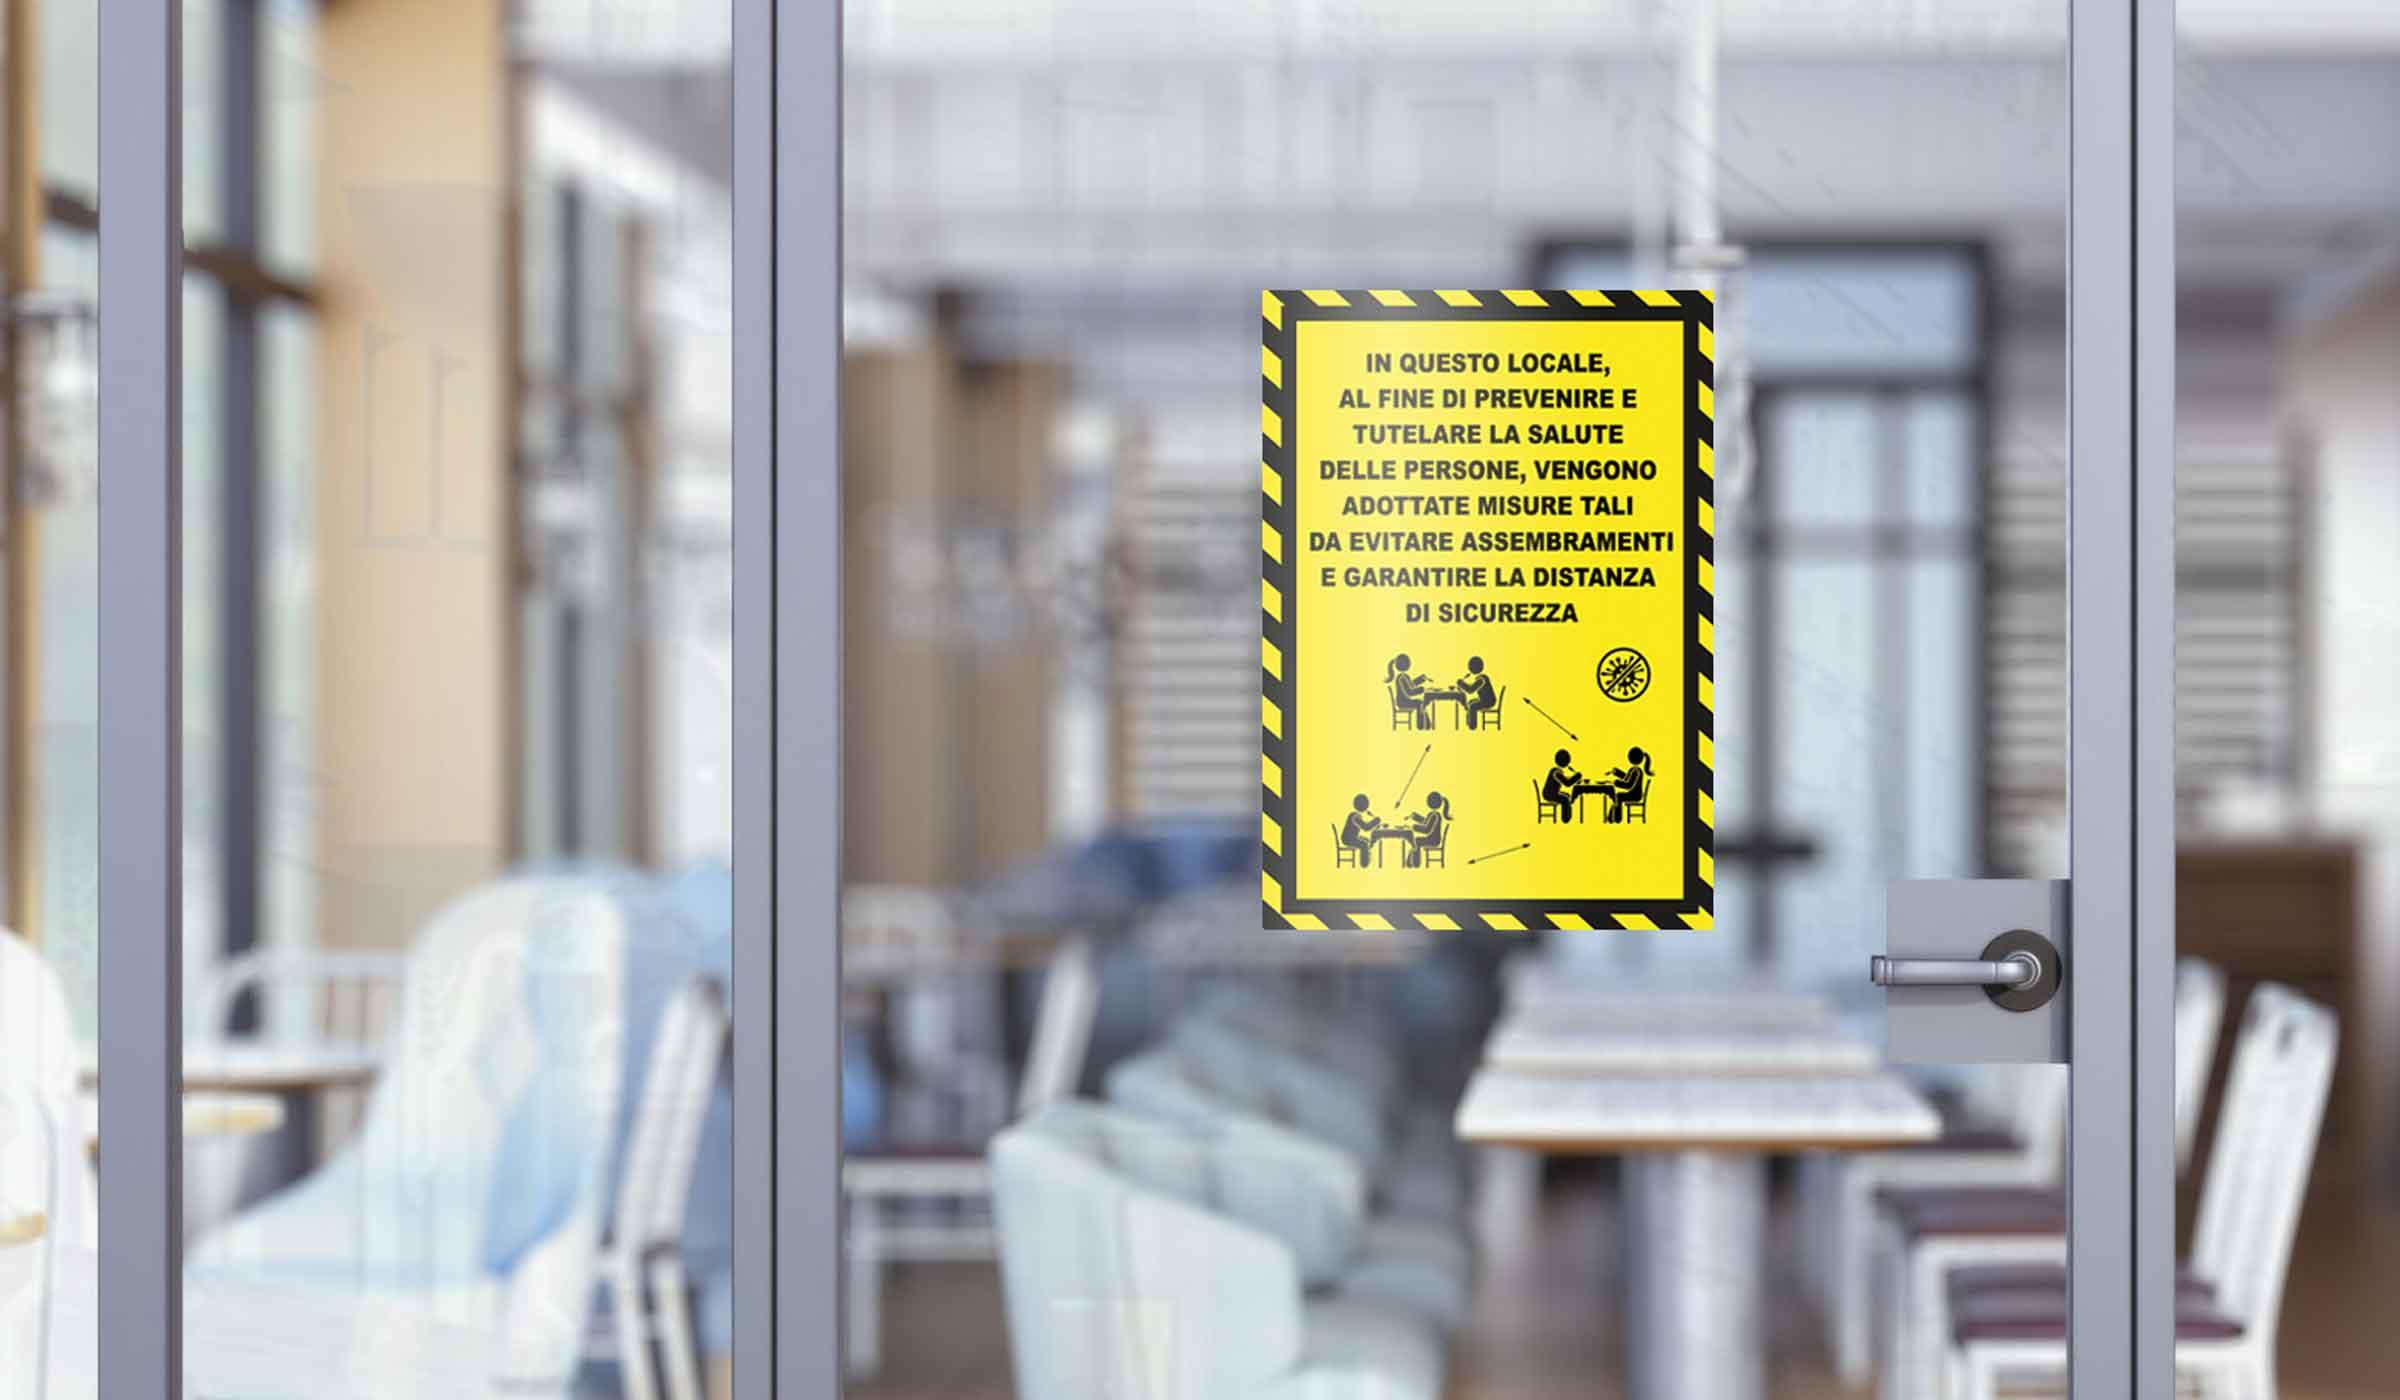 segnaletica covid-19 - adesivo per muri e vetri - regole ingresso locali 1